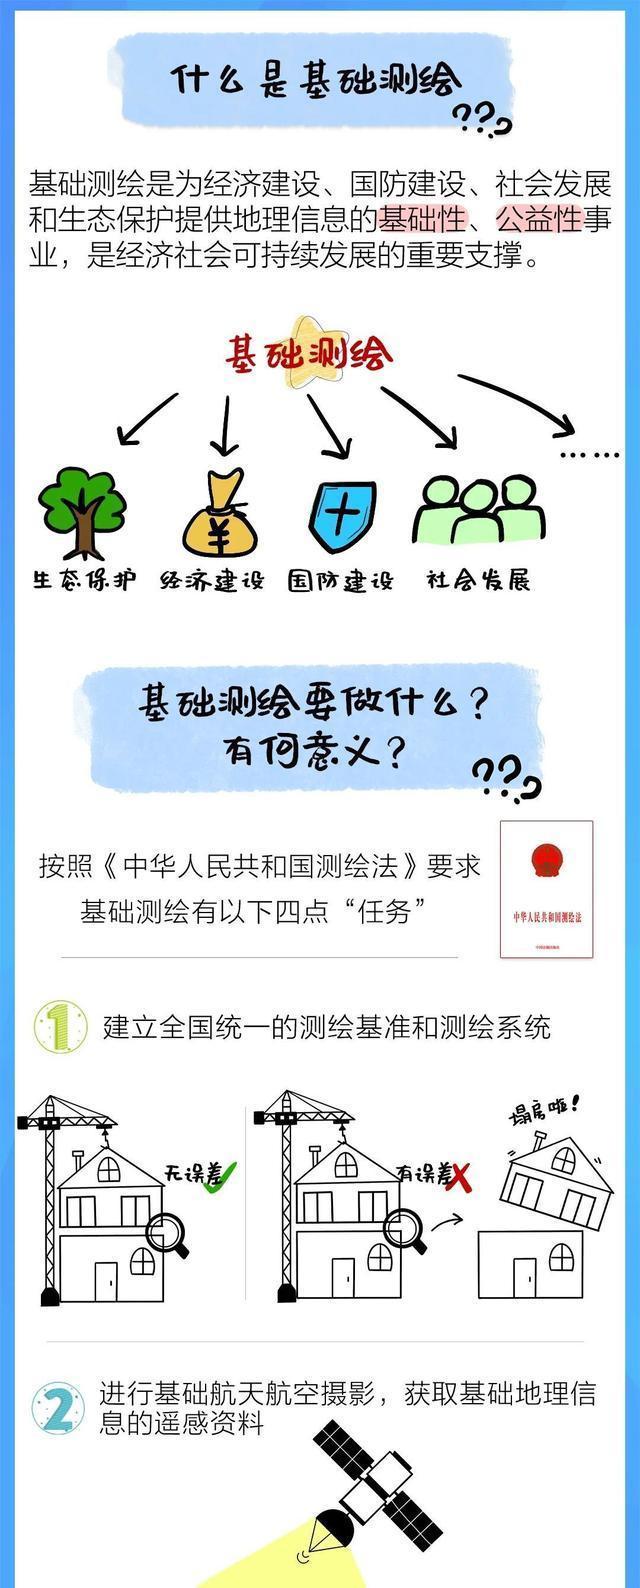 《武汉市基础测绘十四五计划》发表,今后五年武汉将这样做!|一图读。 第2张